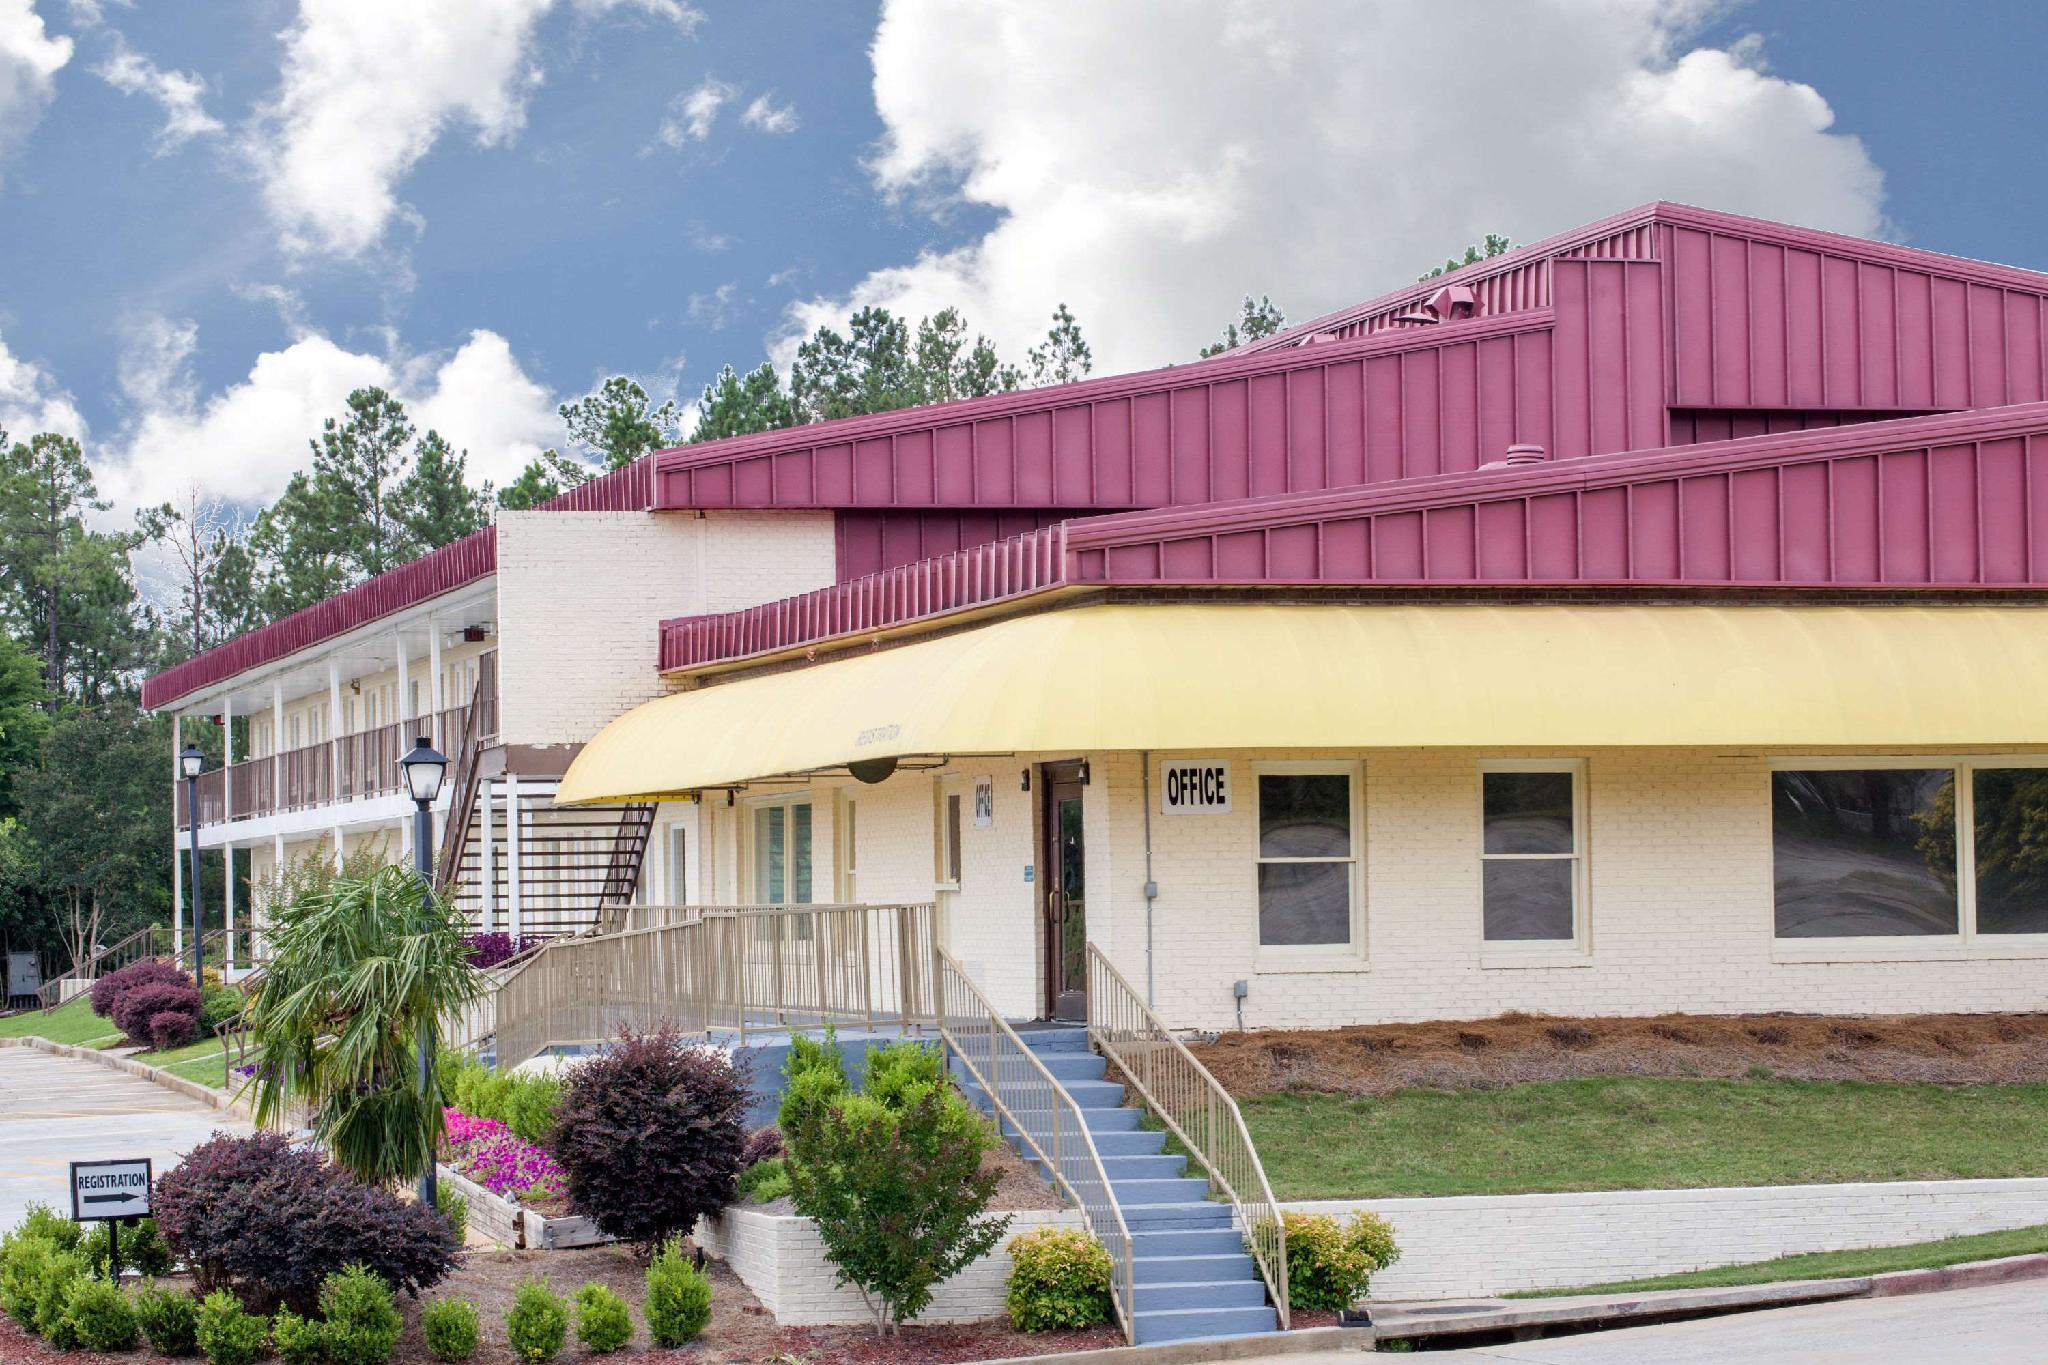 Days Inn By Wyndham Milledgeville